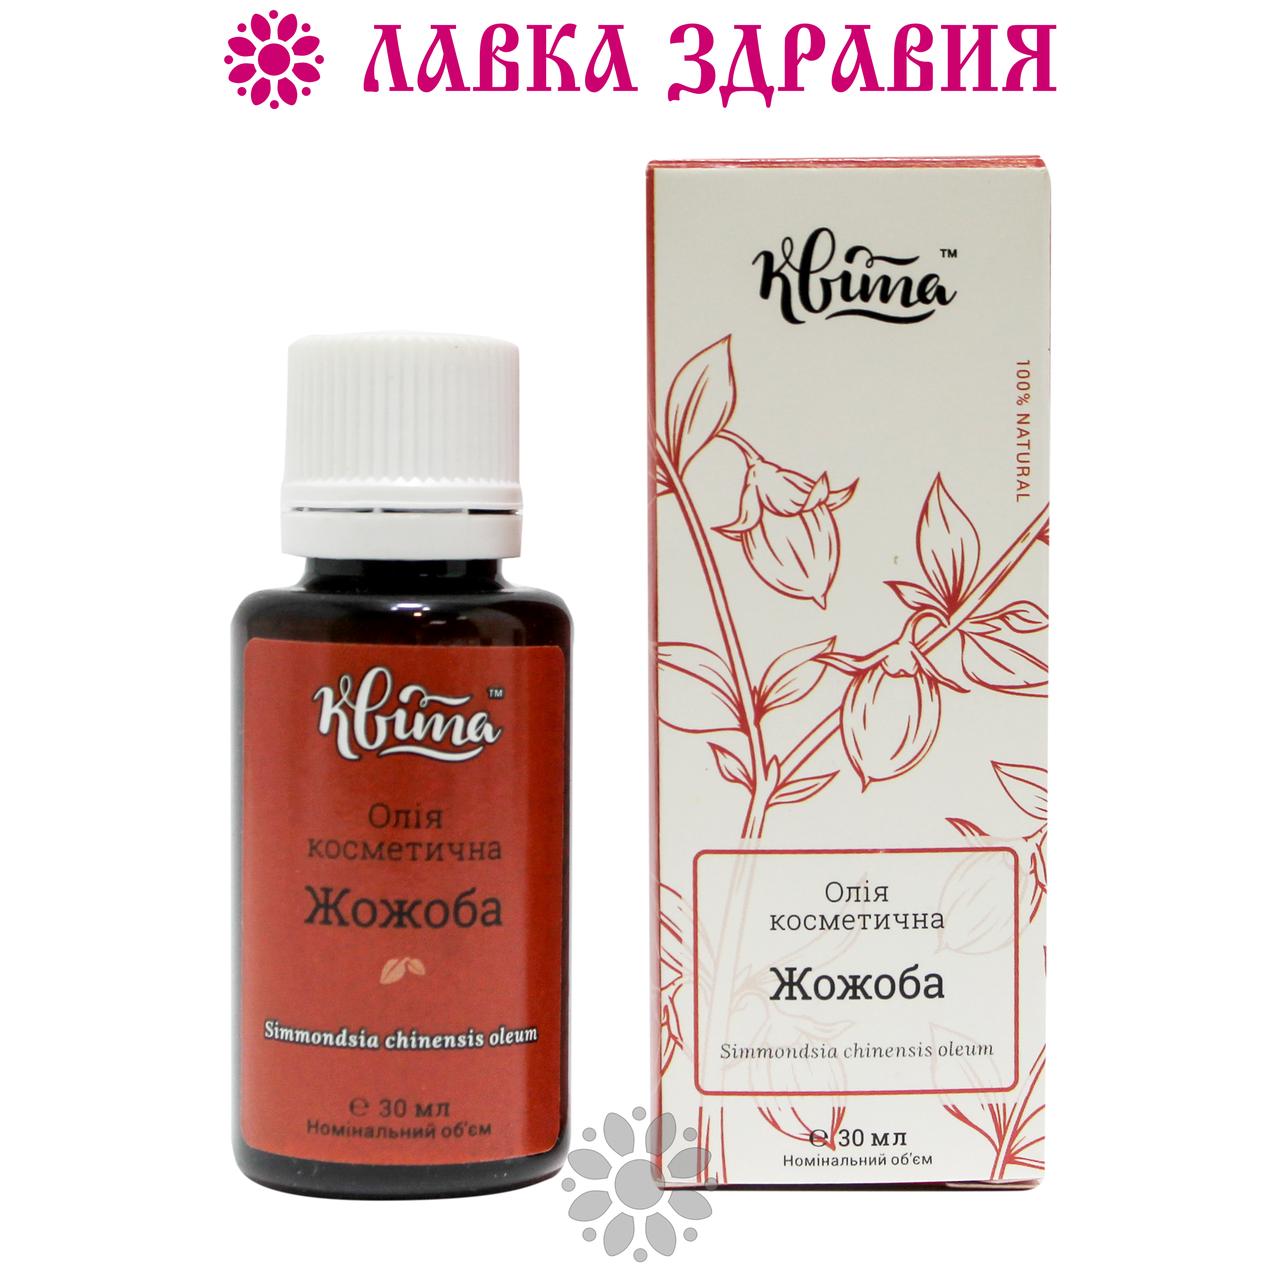 Масло косметическое Жожоба, 30 мл, Квита